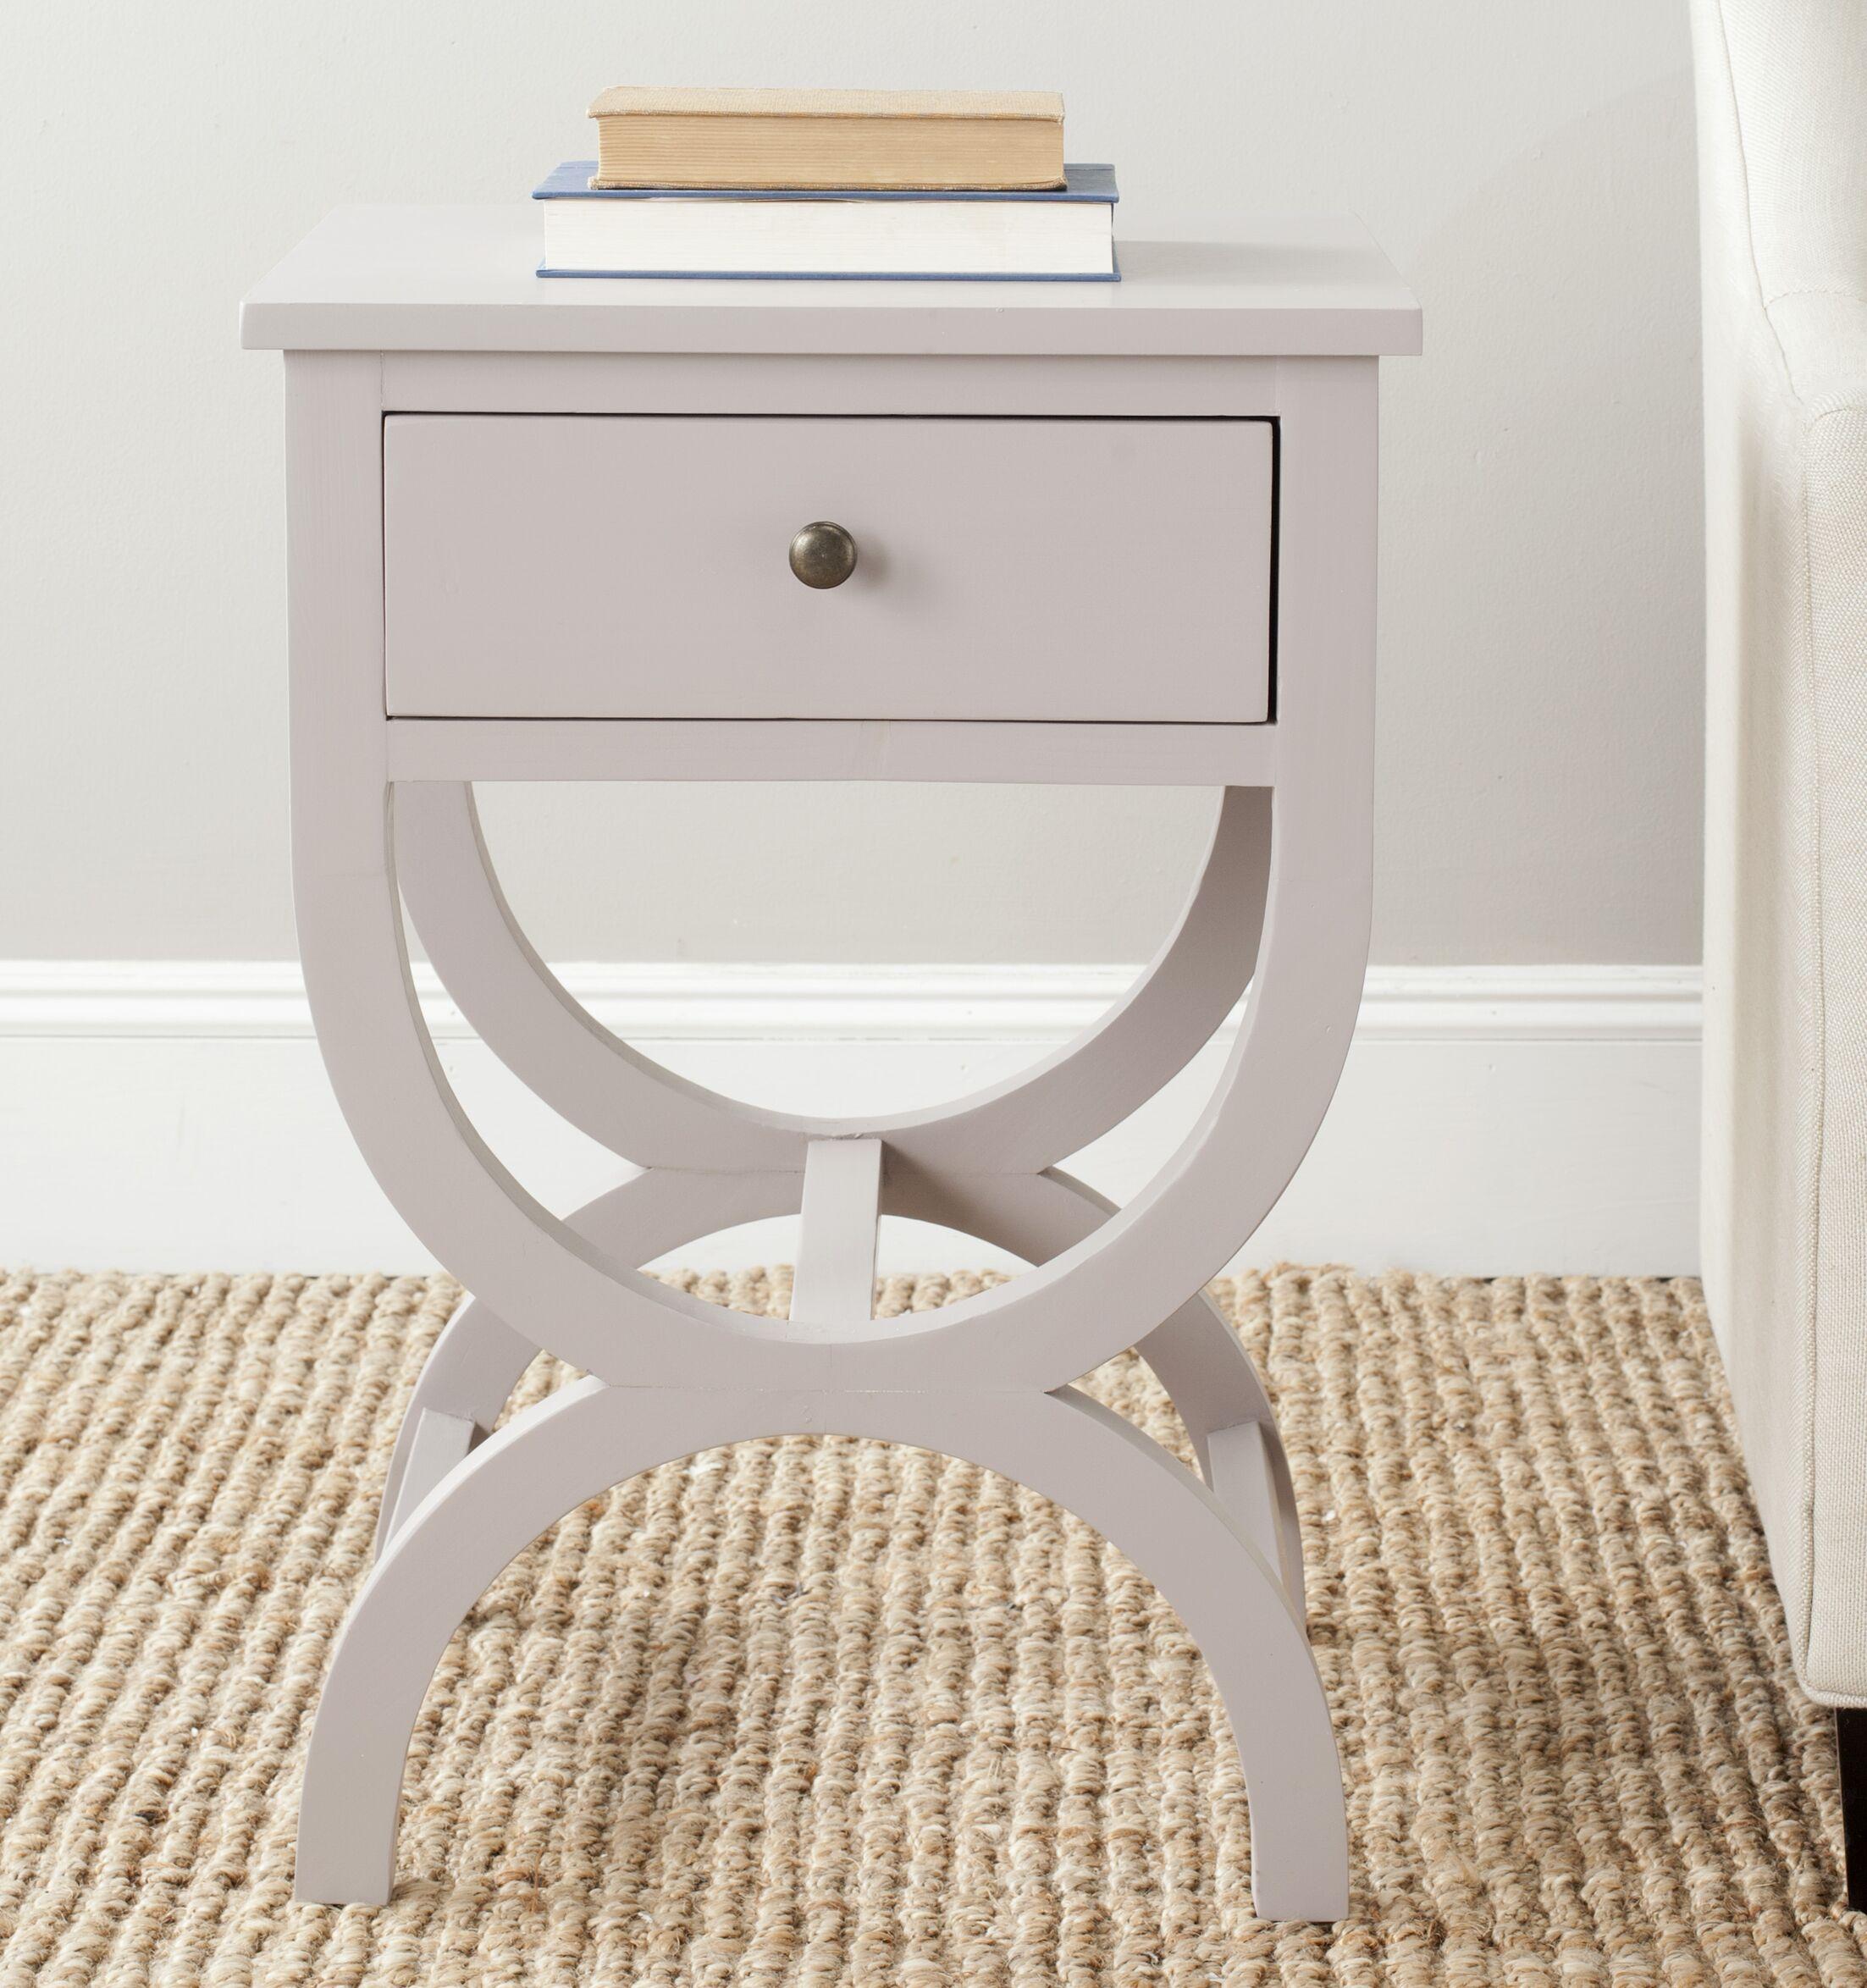 Laverriere End Table with Storage� Color: Quartz Gray